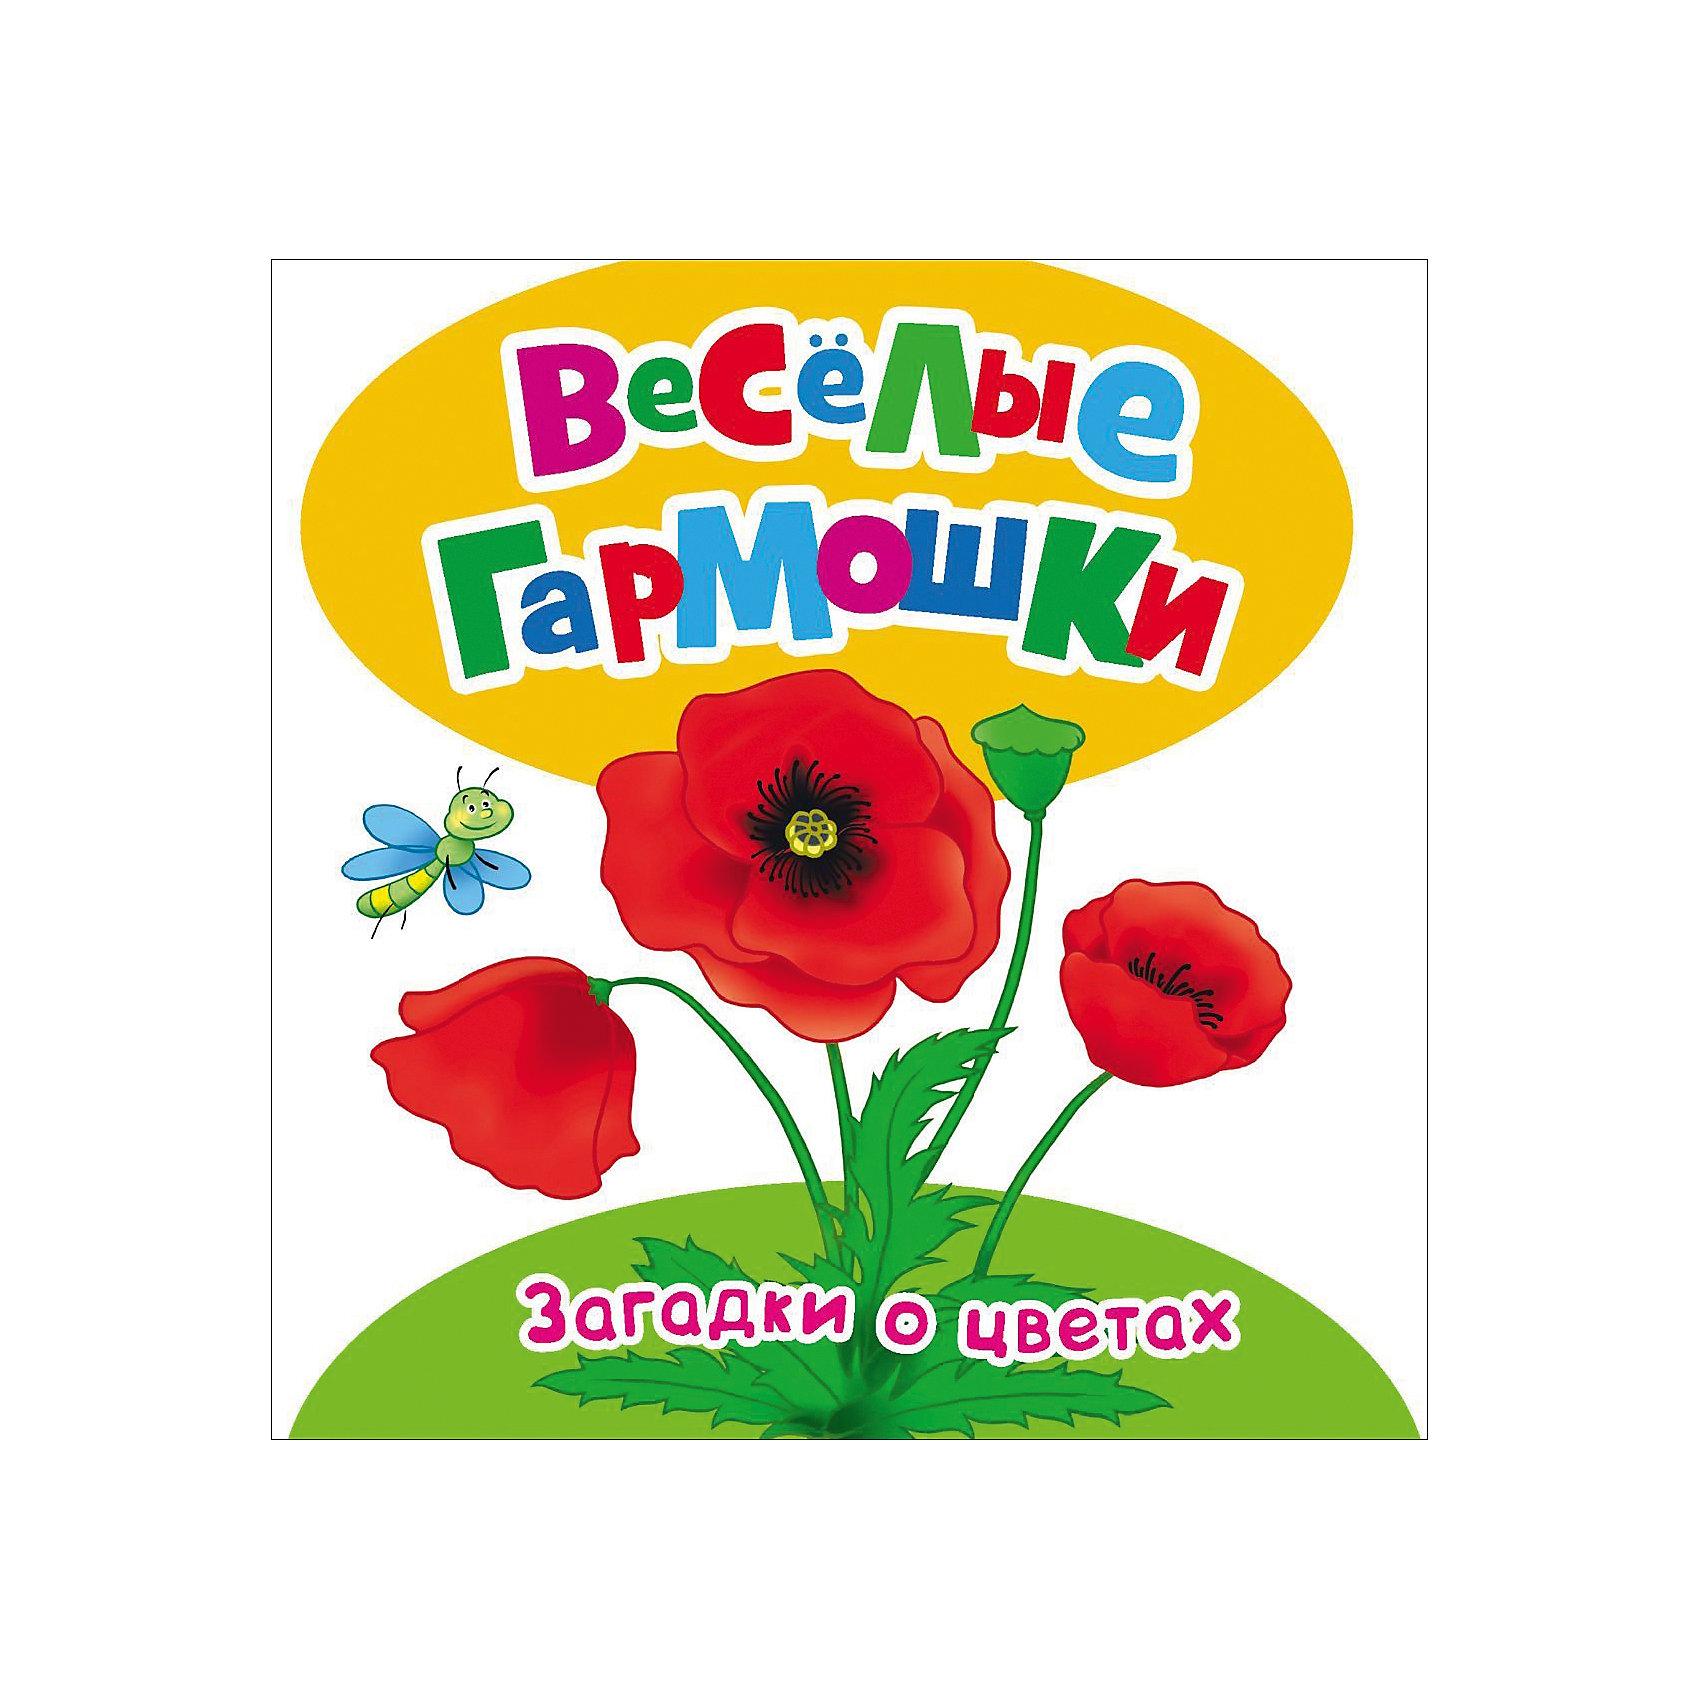 Росмэн Книжка Веселые гармошки — Загадки о цветах росмэн книжка раскладушка колыбельные веселые гармошки